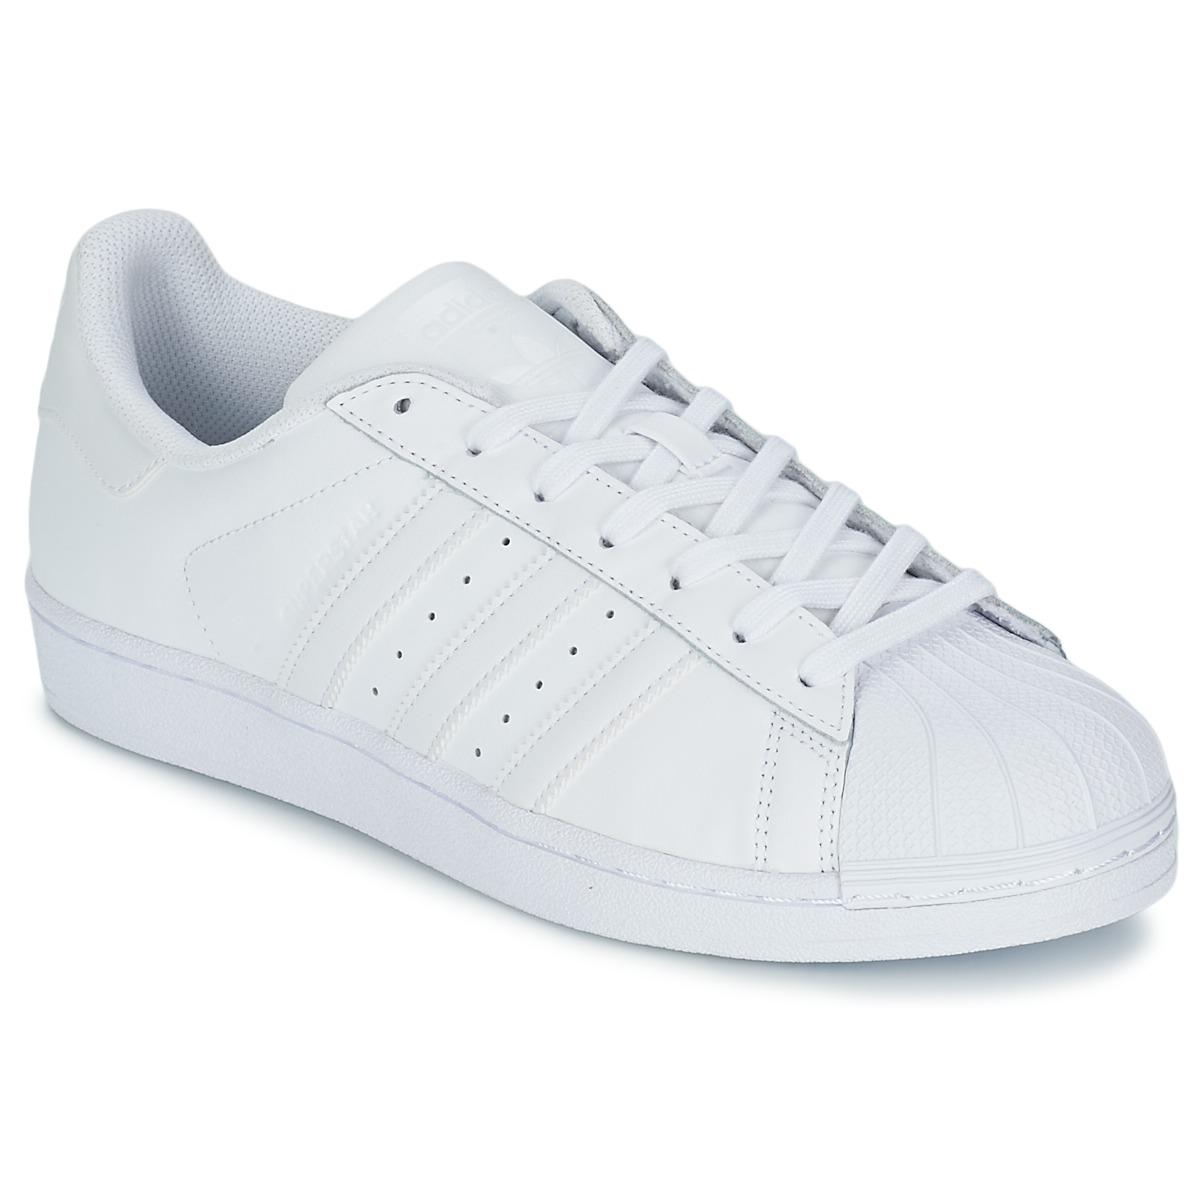 adidas Originals SUPERSTAR FOUNDATION Weiss - Kostenloser Versand bei Spartoode ! - Schuhe Sneaker Low  79,96 €